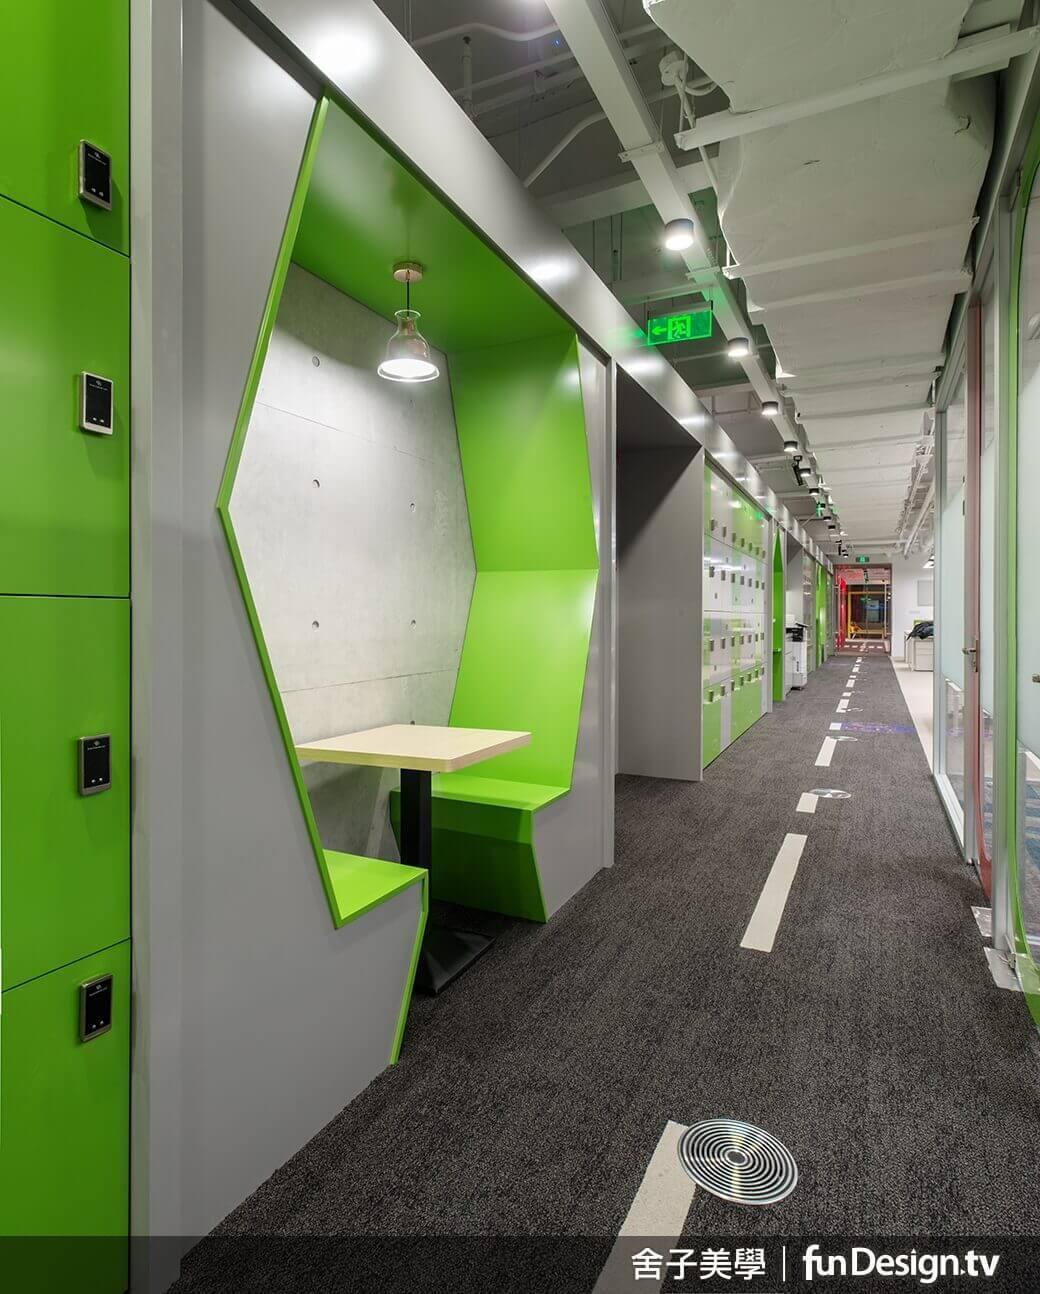 隱密的小邊桌,充分利用走廊過道空間。圖/舍子美學設計 提供